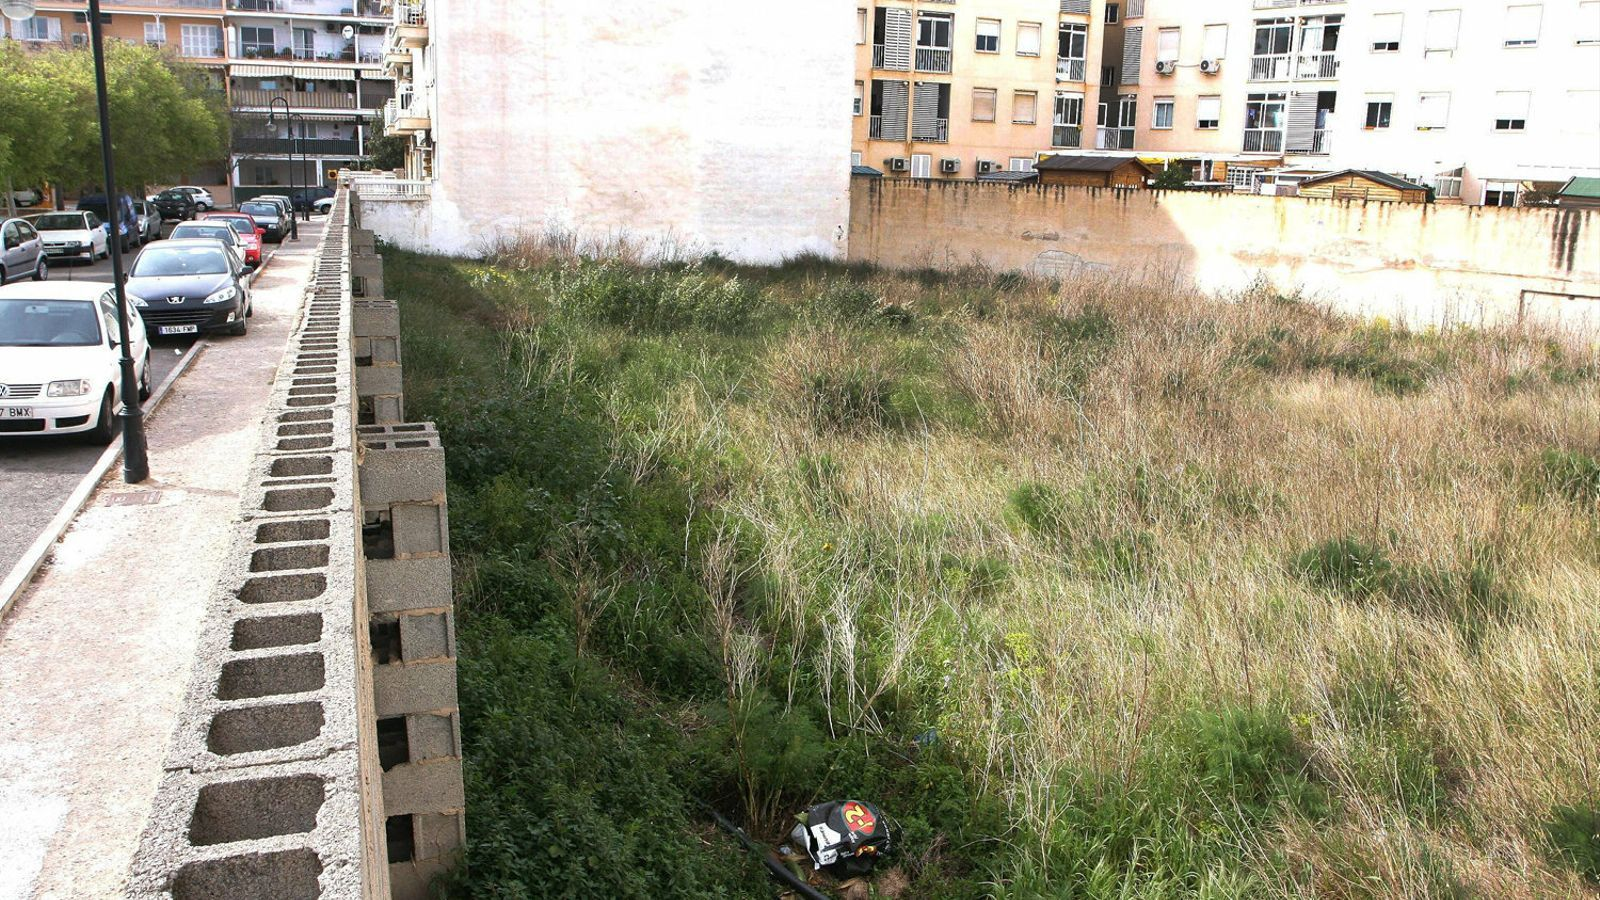 El preu i la falta de sòl urbà impedeixen construir pisos   Per davall dels 200.000 euros